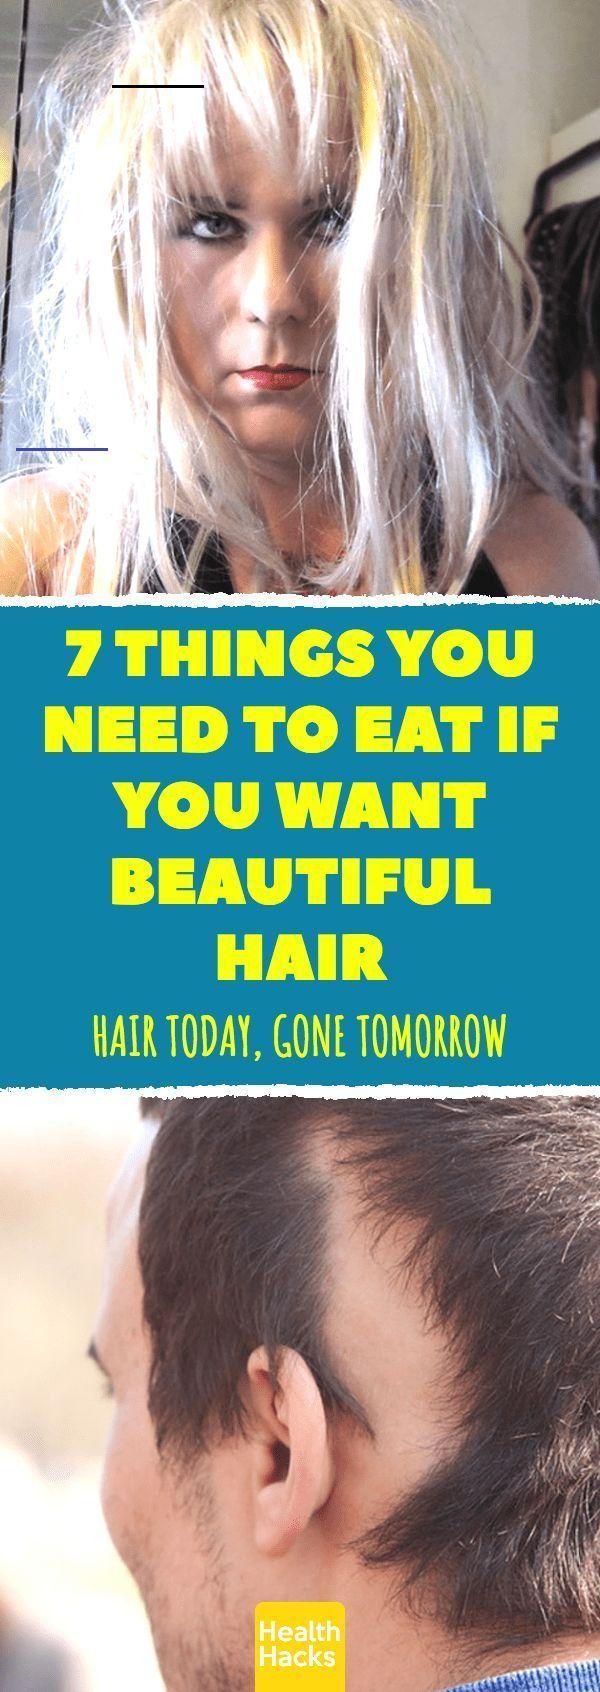 7 Foods For Healthy Hair | #hair #health #healthhair #hairhacks #healthy#foods - Modern